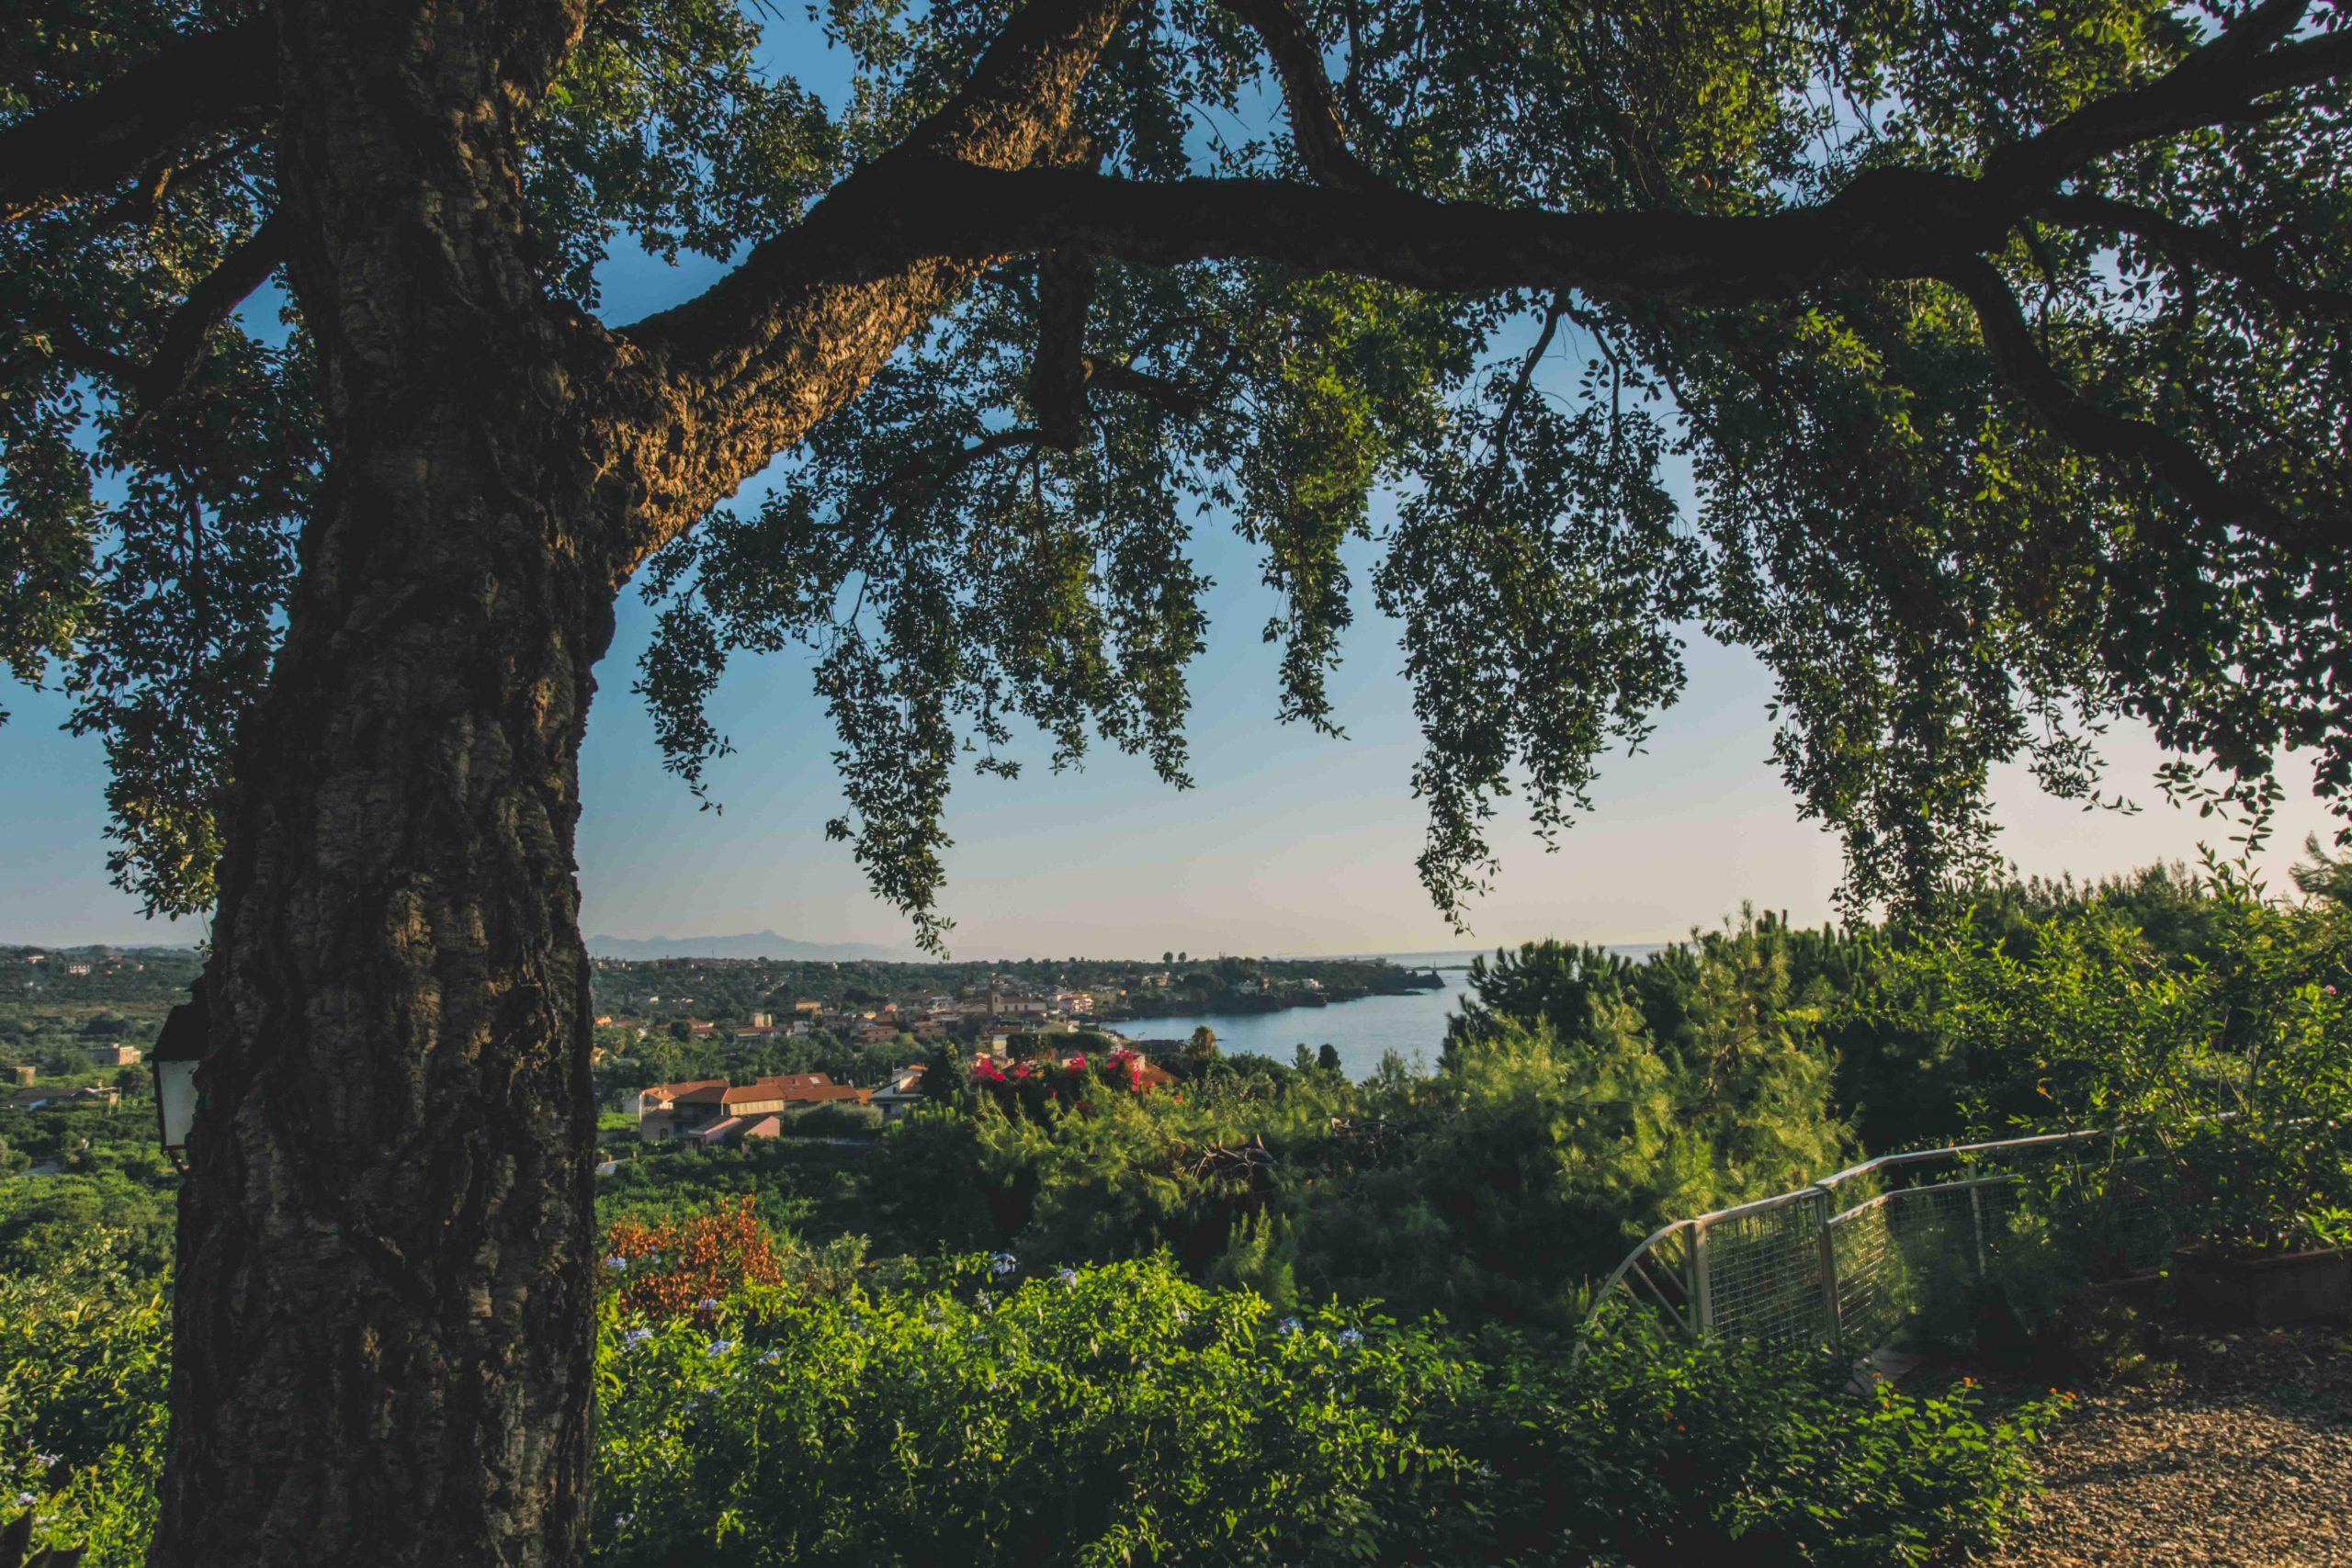 Ogni volta che sfioriamo la Natura, riceviamo molto più di quanto non potremo mai dare: i suoni, i colori e i profumi che ci regala vengono colti dalle anime più nobili. E qui, a Villa Musmeci, siamo circondati dalla vera Bellezza che desideriamo condividere con voi. Tuffati nei verdi prati, accarezza le foglie che scivolano via dagli alberi e vivi il tuo giorno speciale all'insegna della vera idea di felicità.